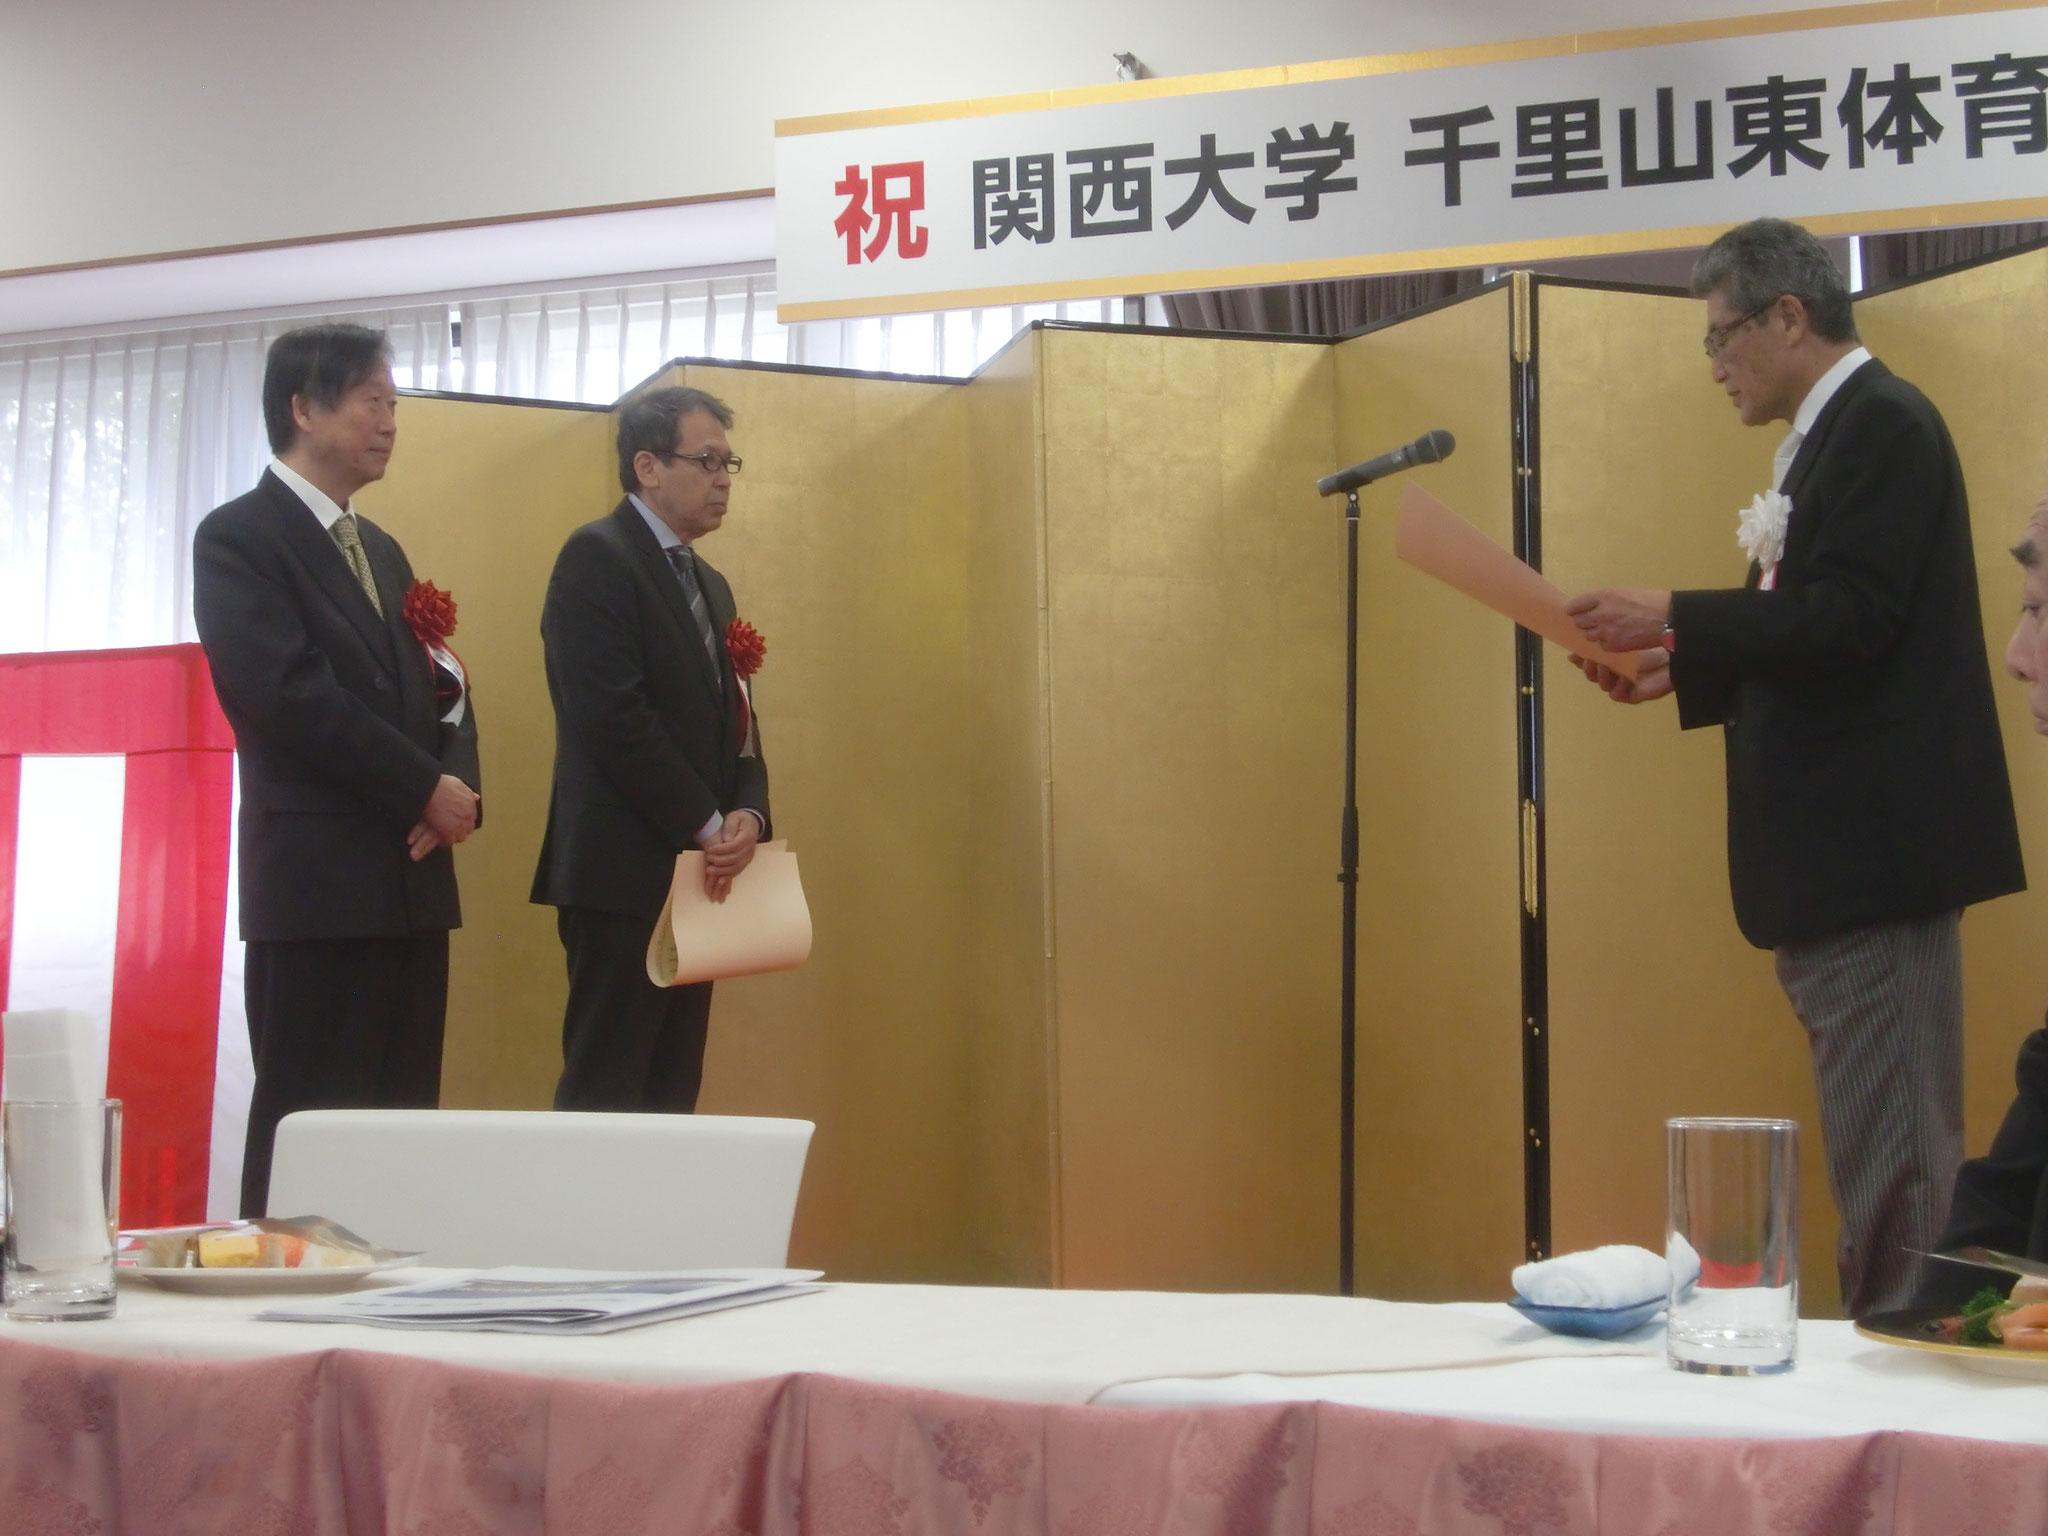 竣工式にて関西大学理事長から谷口先生、AMP代表福井が感謝状を授与される。